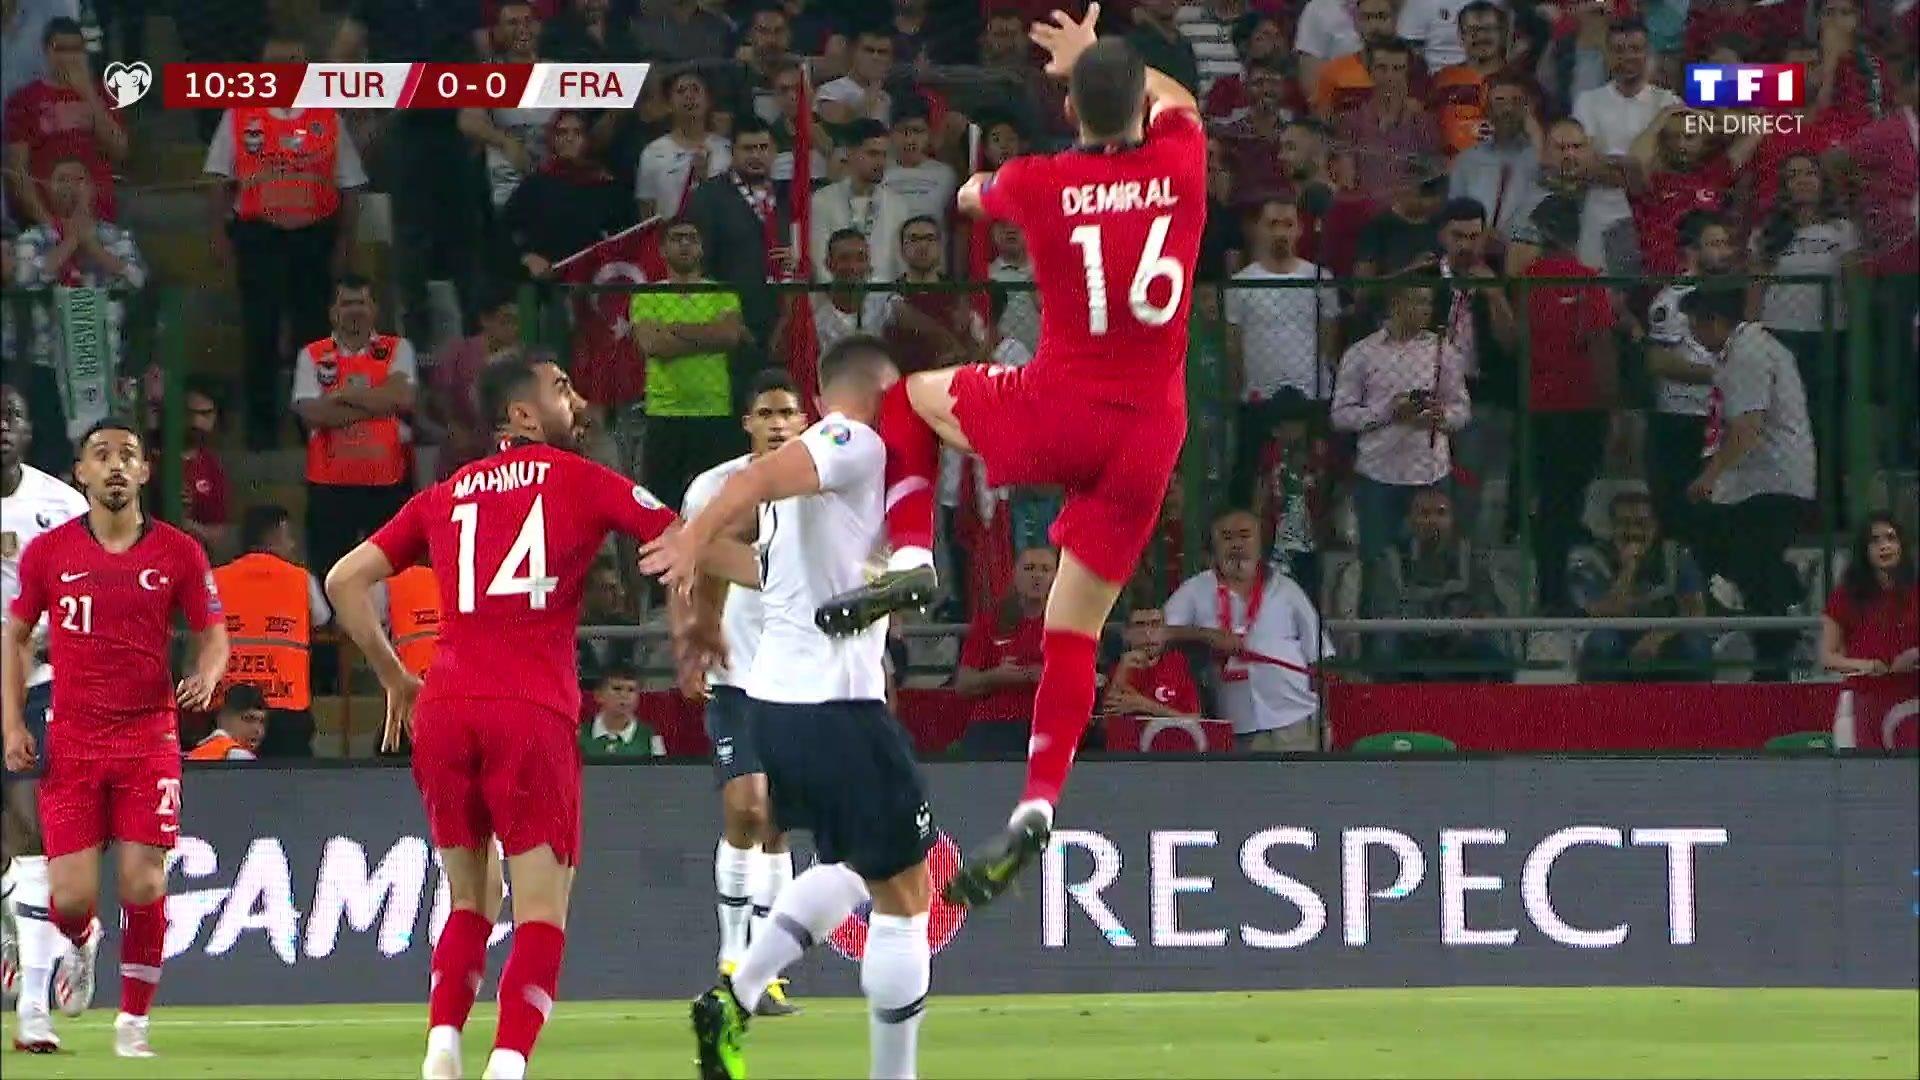 Turquie-France - Le coup de genou reçu par Giroud en vidéo